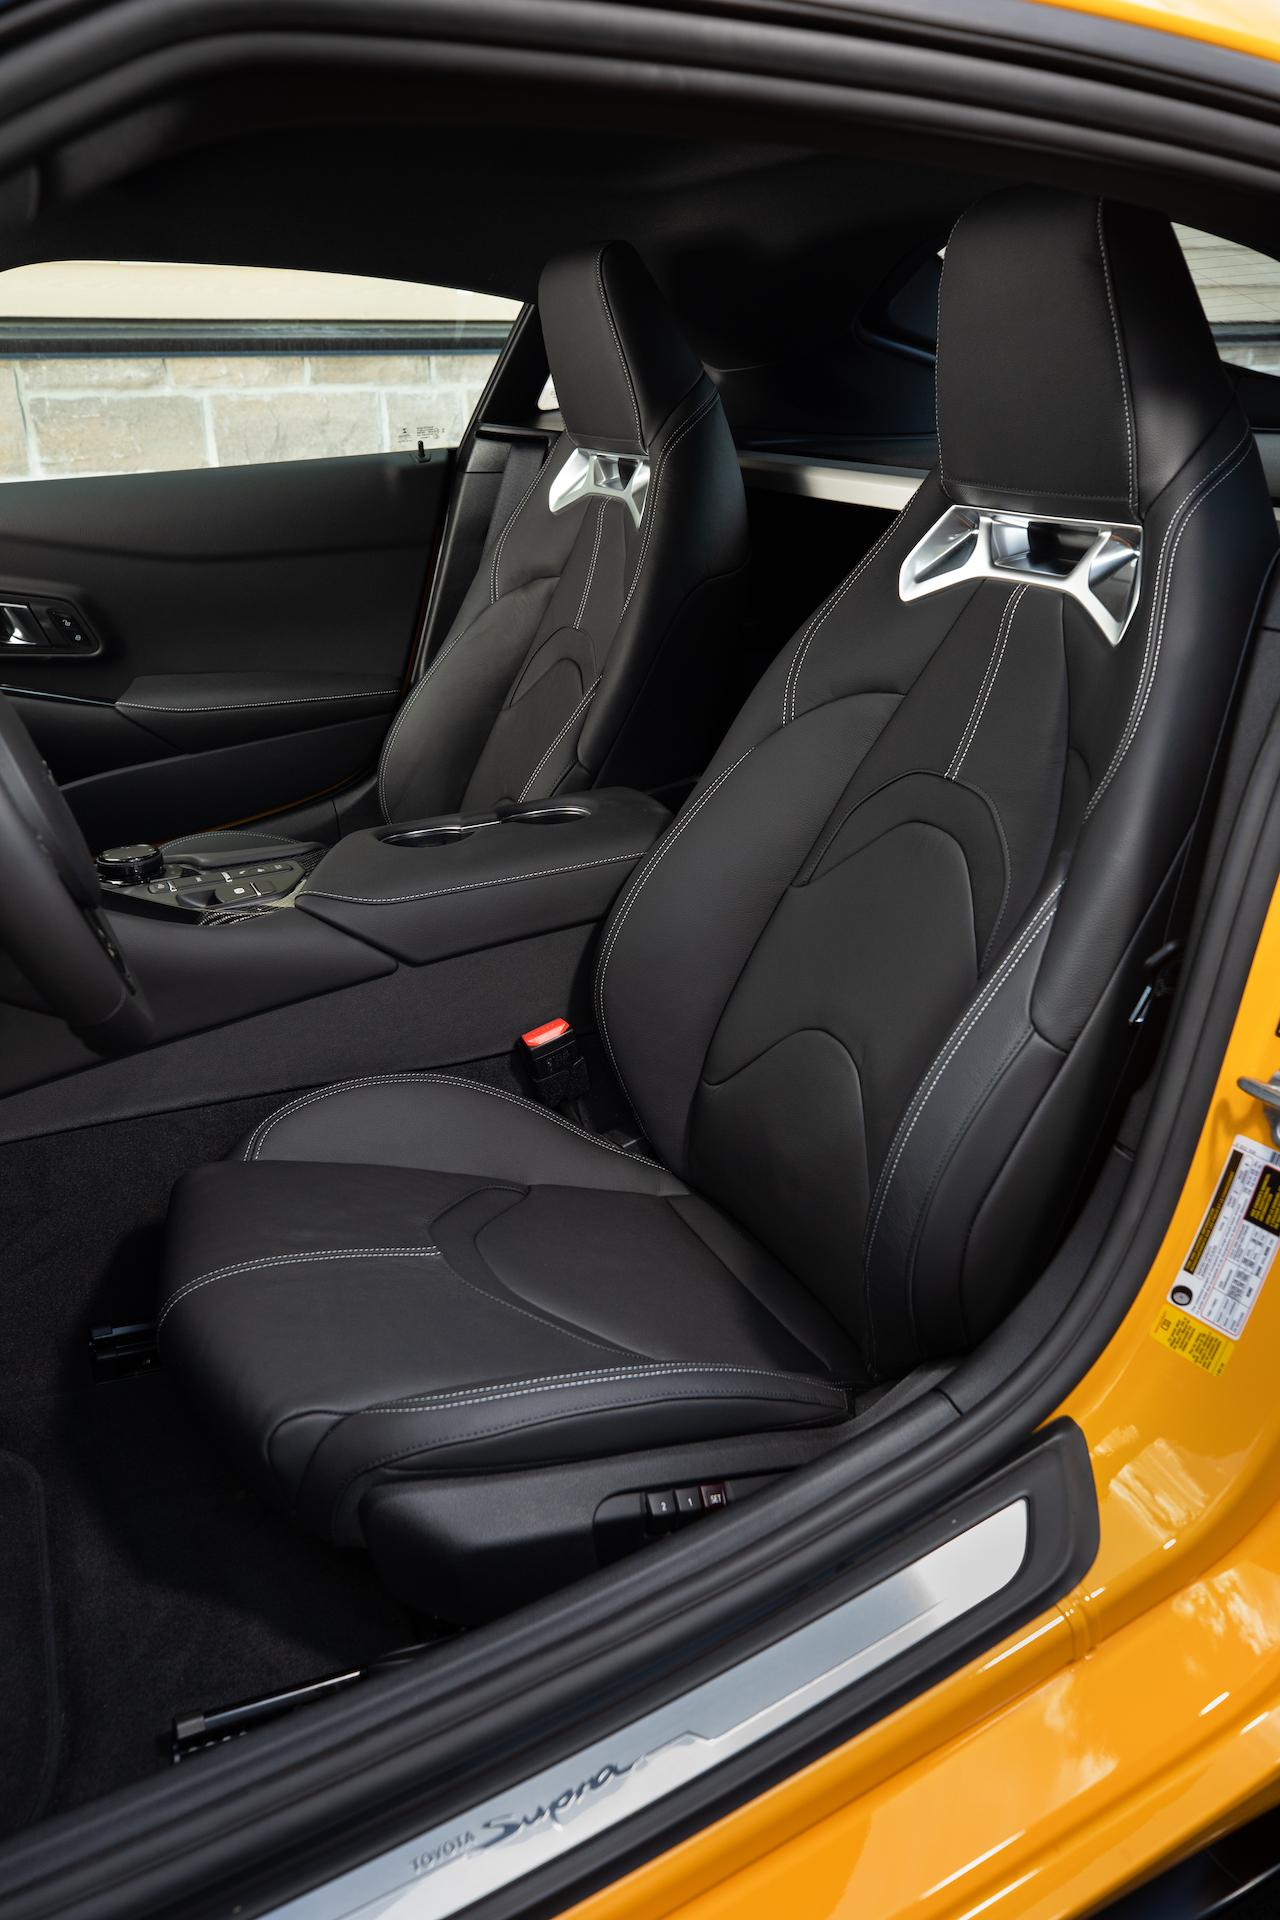 Review: 2020 Toyota Supra GR